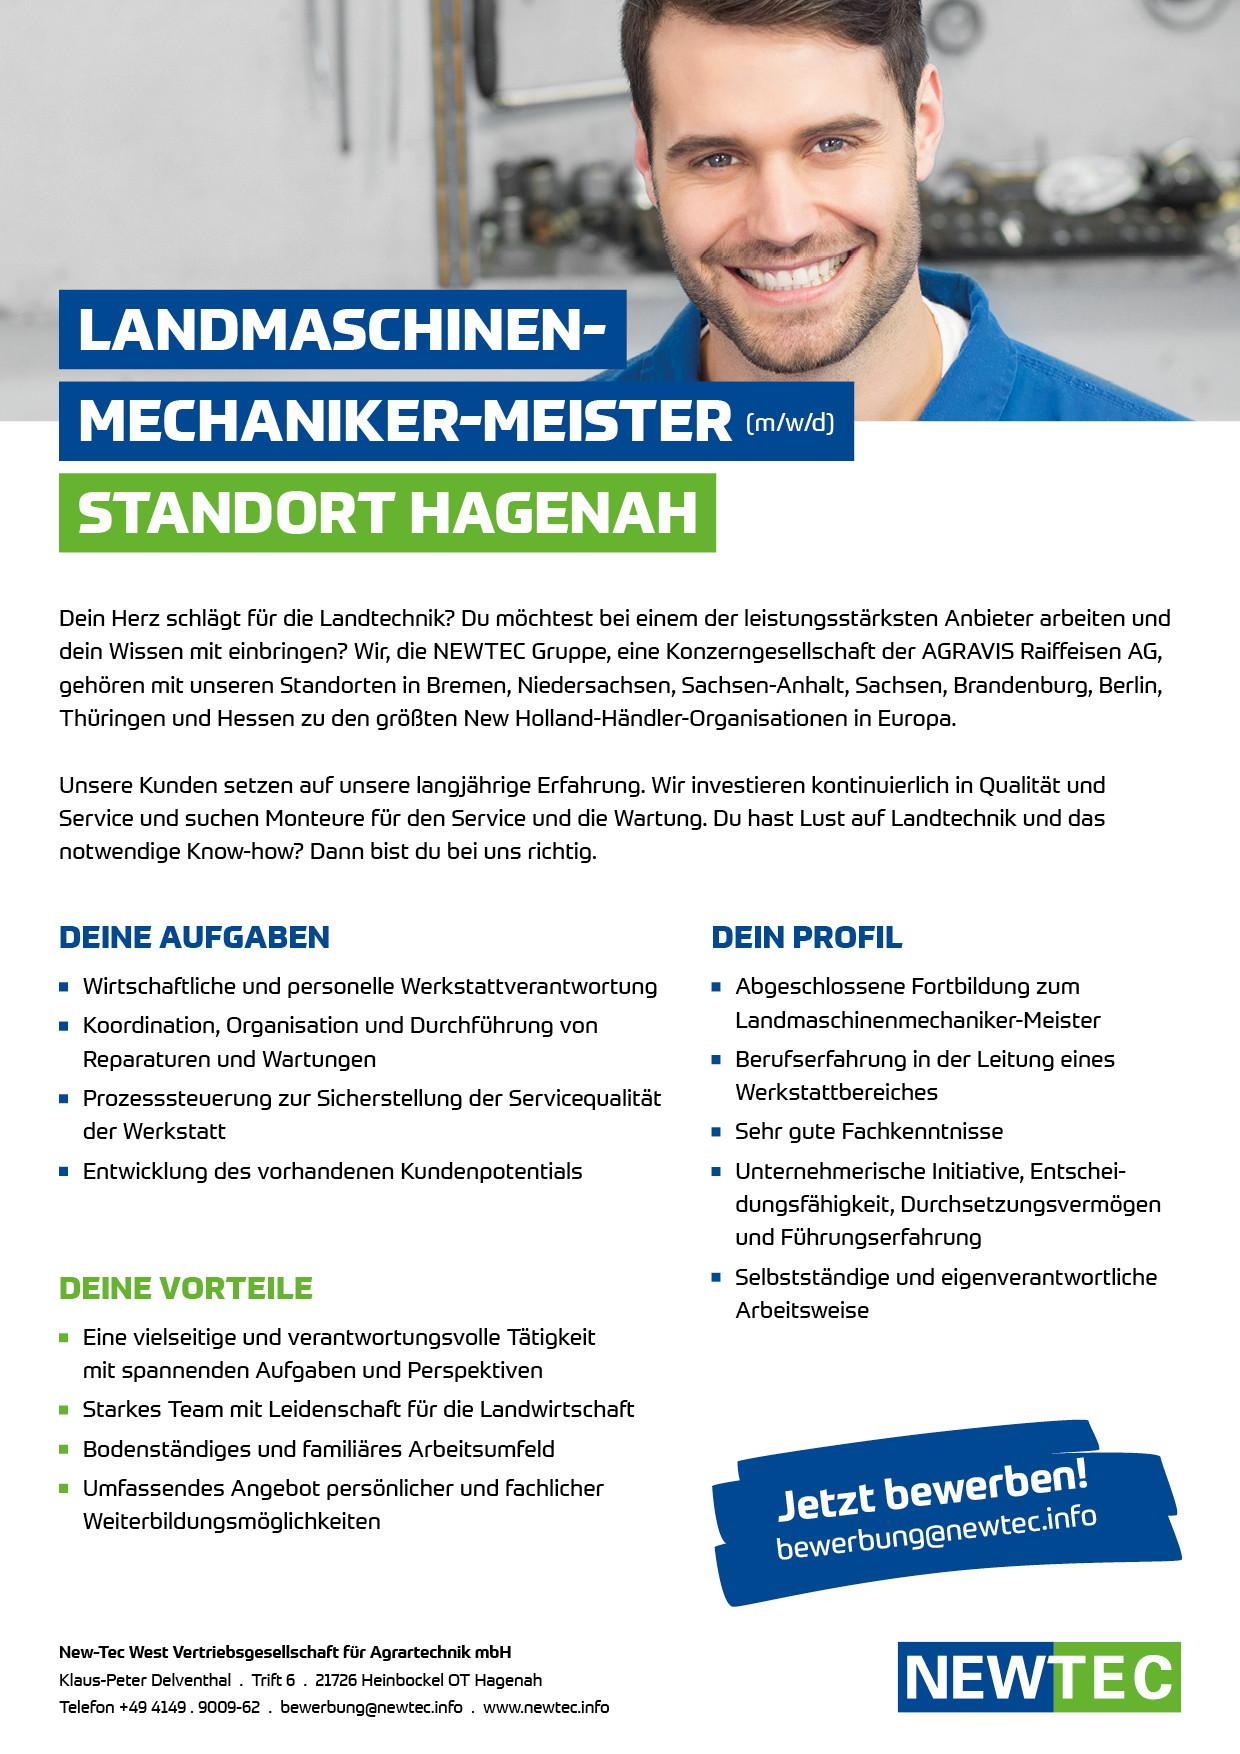 SCREEN TE-NTOST-20-28112 Personalanzeige_Landmaschinenmechaniker-Meister_Hagenah